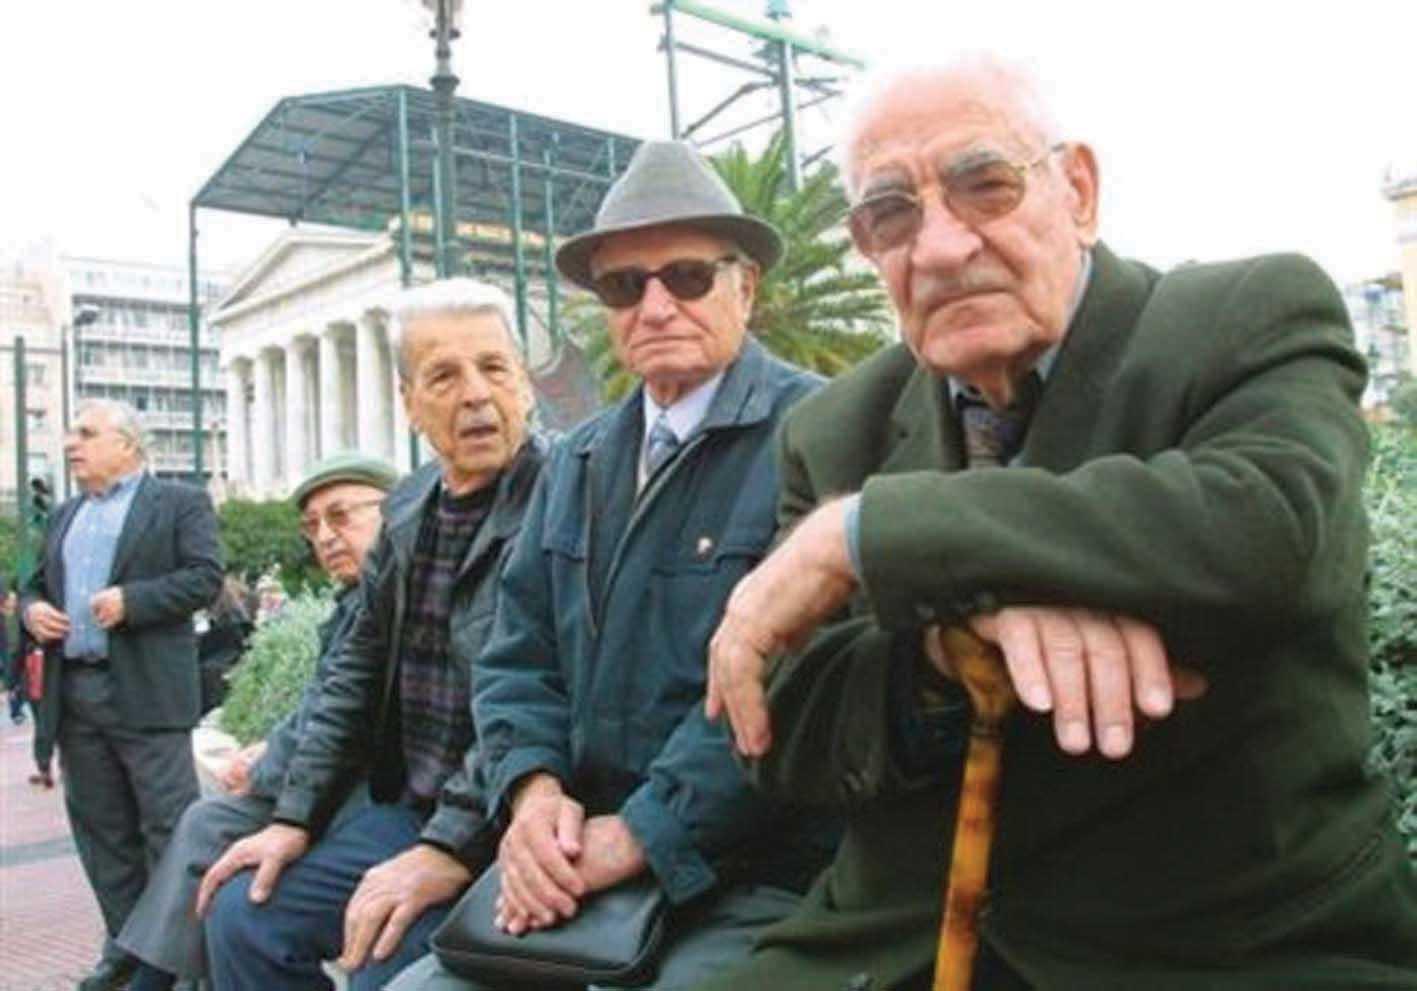 Ξαφνικός θάνατος στις πρόωρες συνταξιοδοτήσεις από το ΙΚΑ